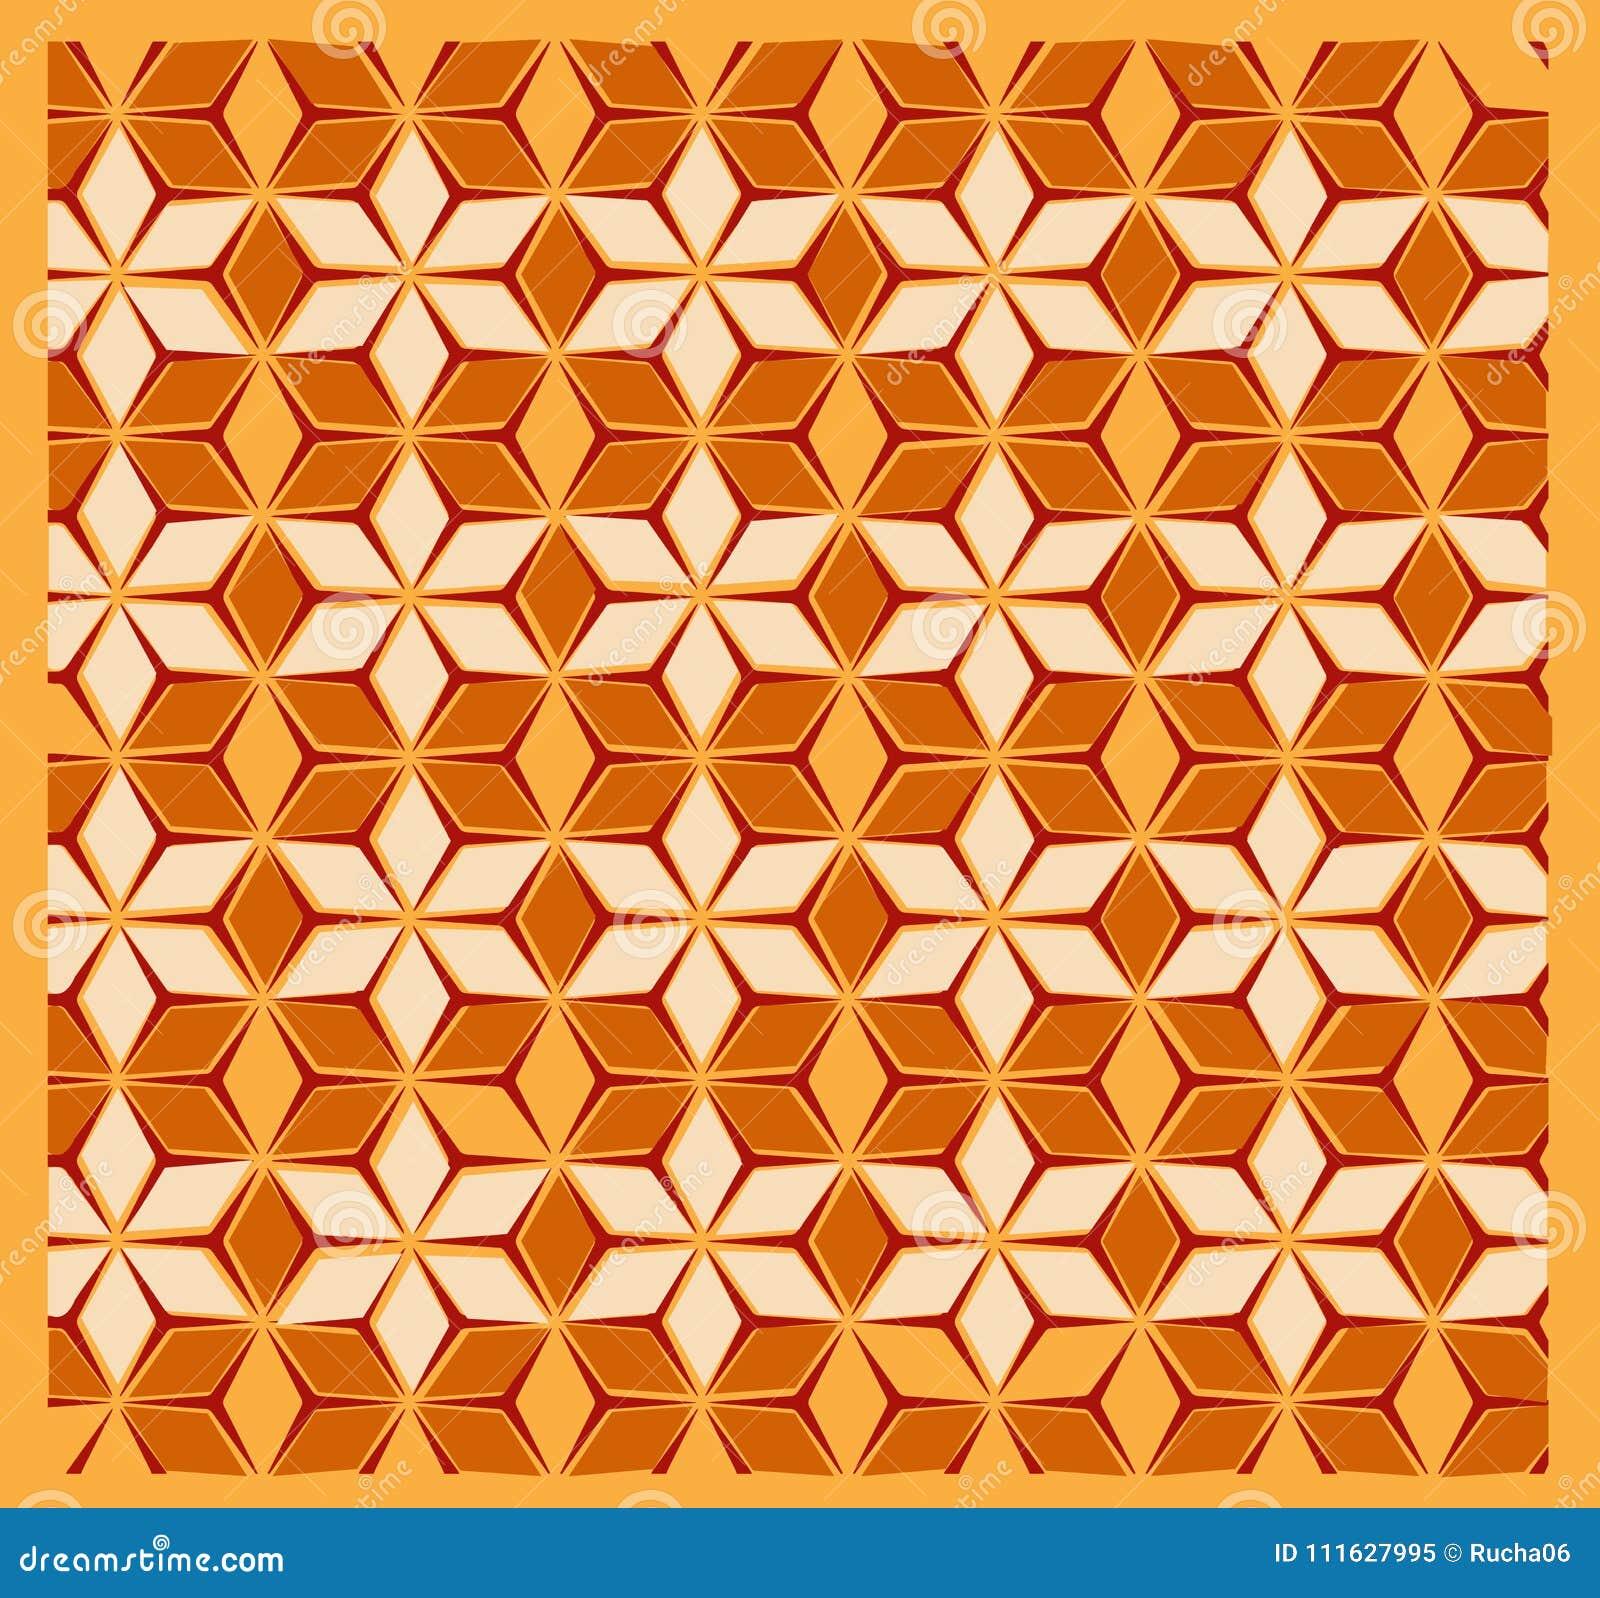 Floral Pattern For Saree, Dress Materials, Bedsheets, Kurtis, Etc.